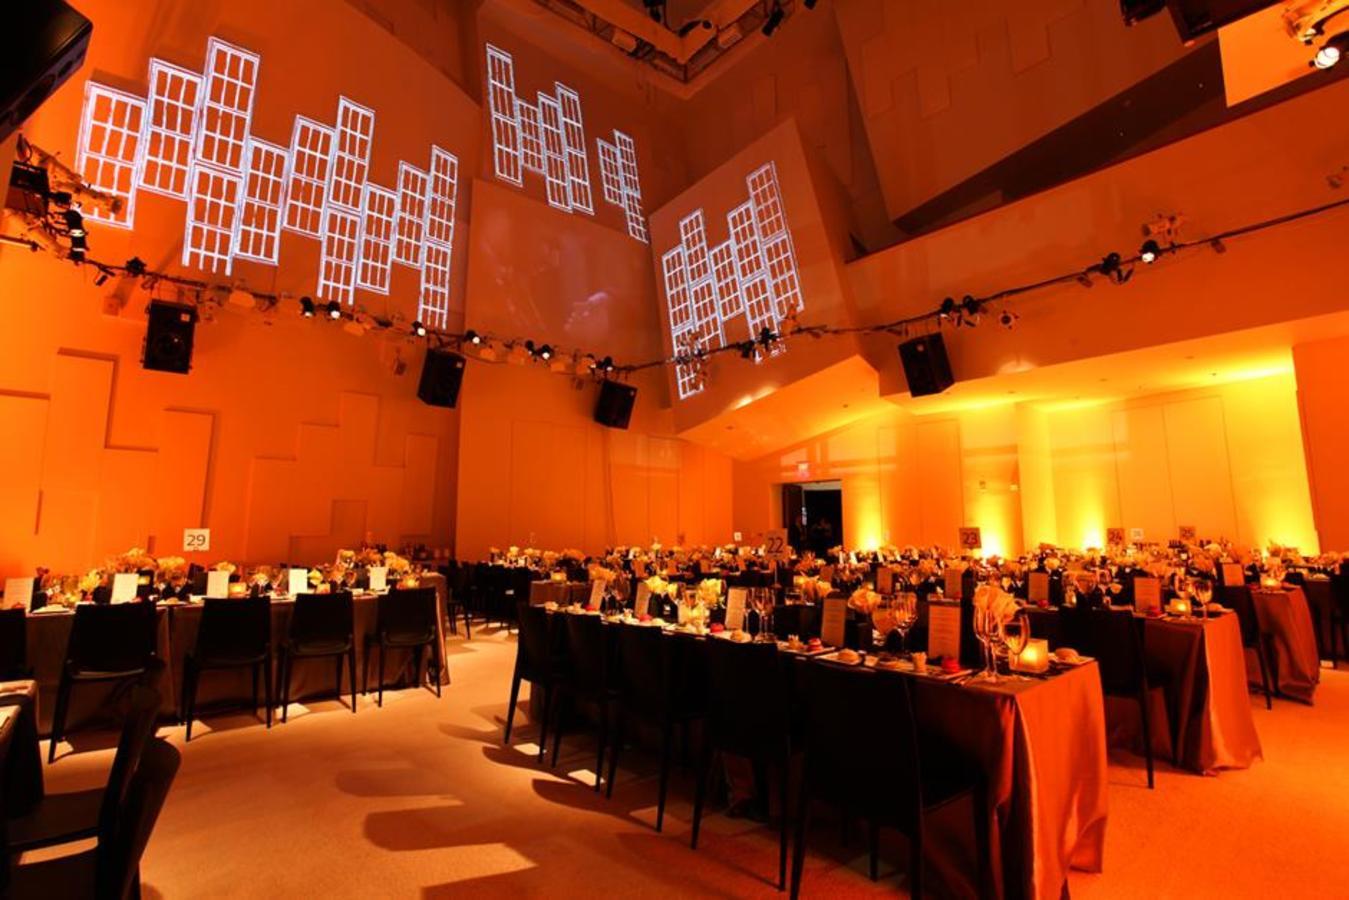 Überzogenes SunTrust-Pavillon-Abendessen mit Projektions- und Akzentbeleuchtung